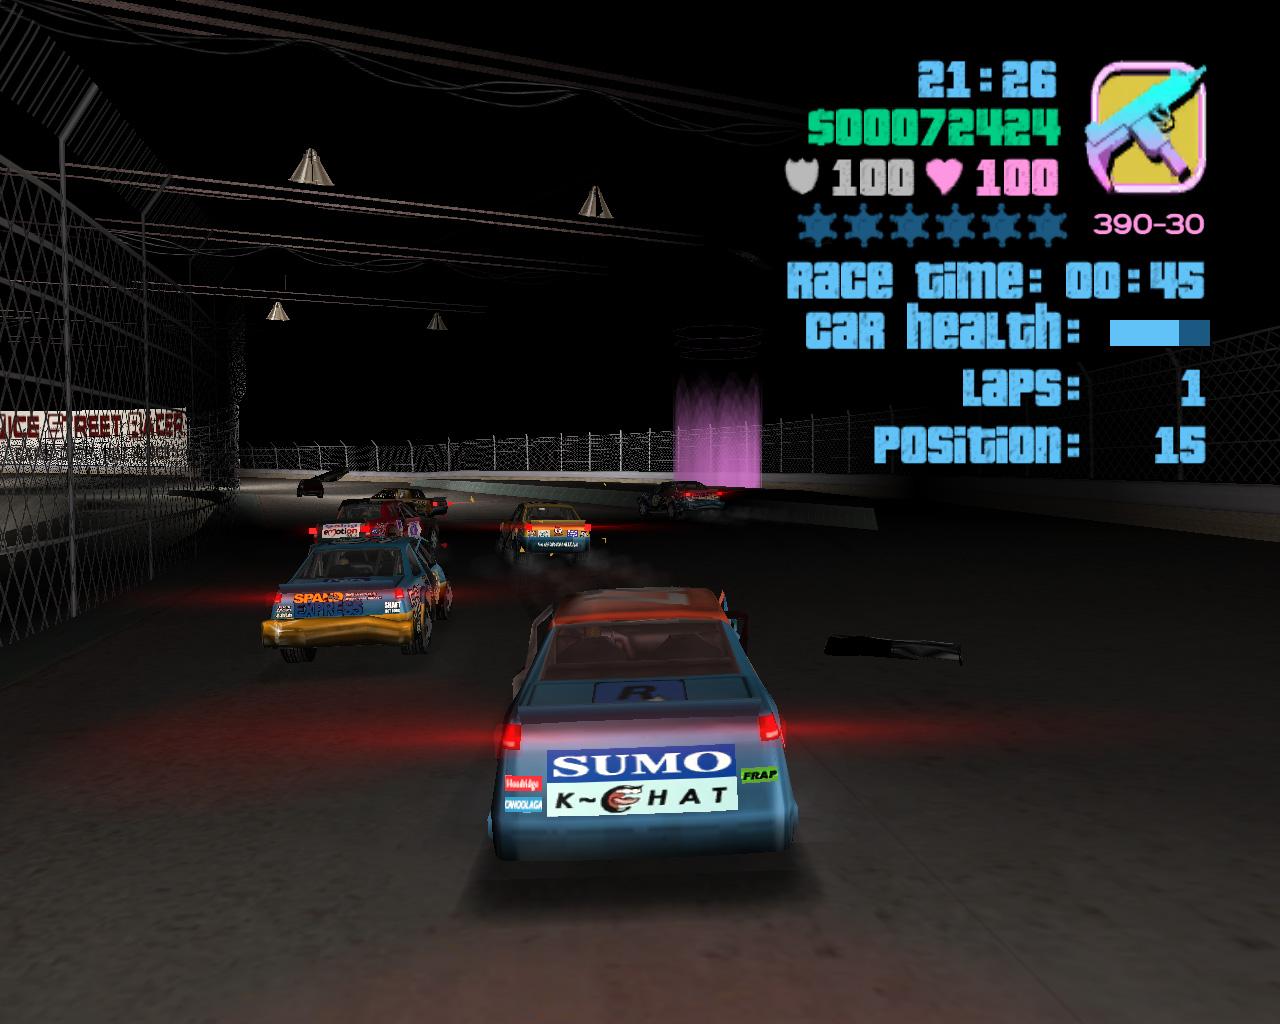 gta san andreas race cars cheats